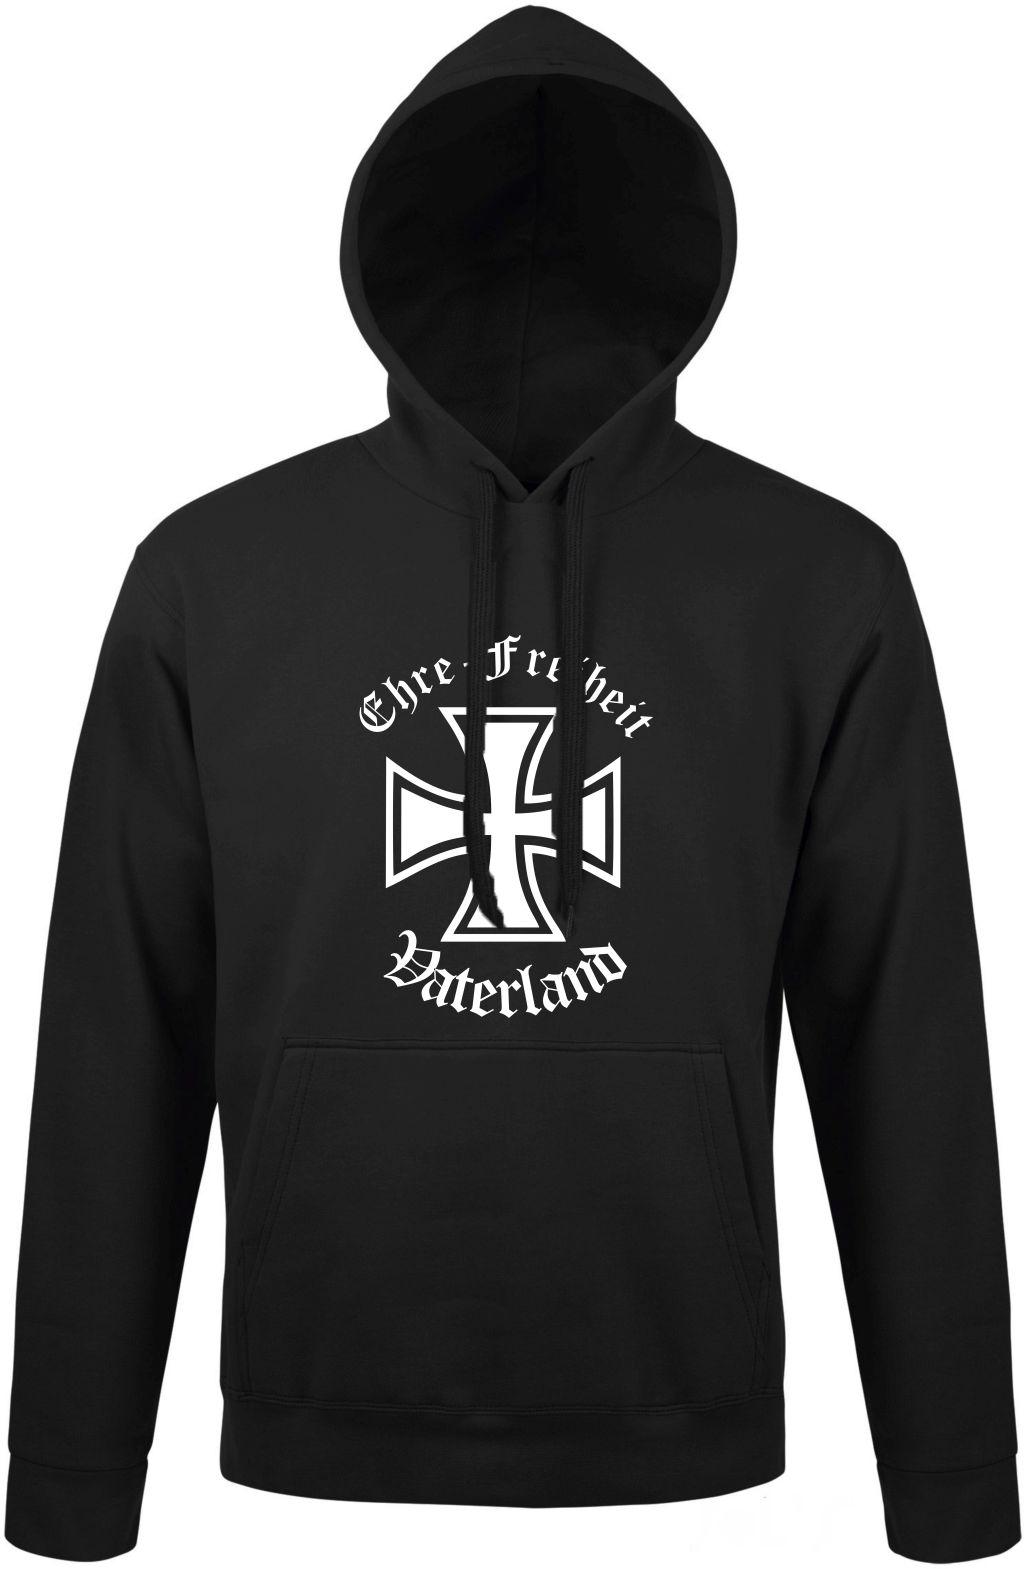 Ehre Freiheit Vaterland Sweatshirt Hoodie Unisex